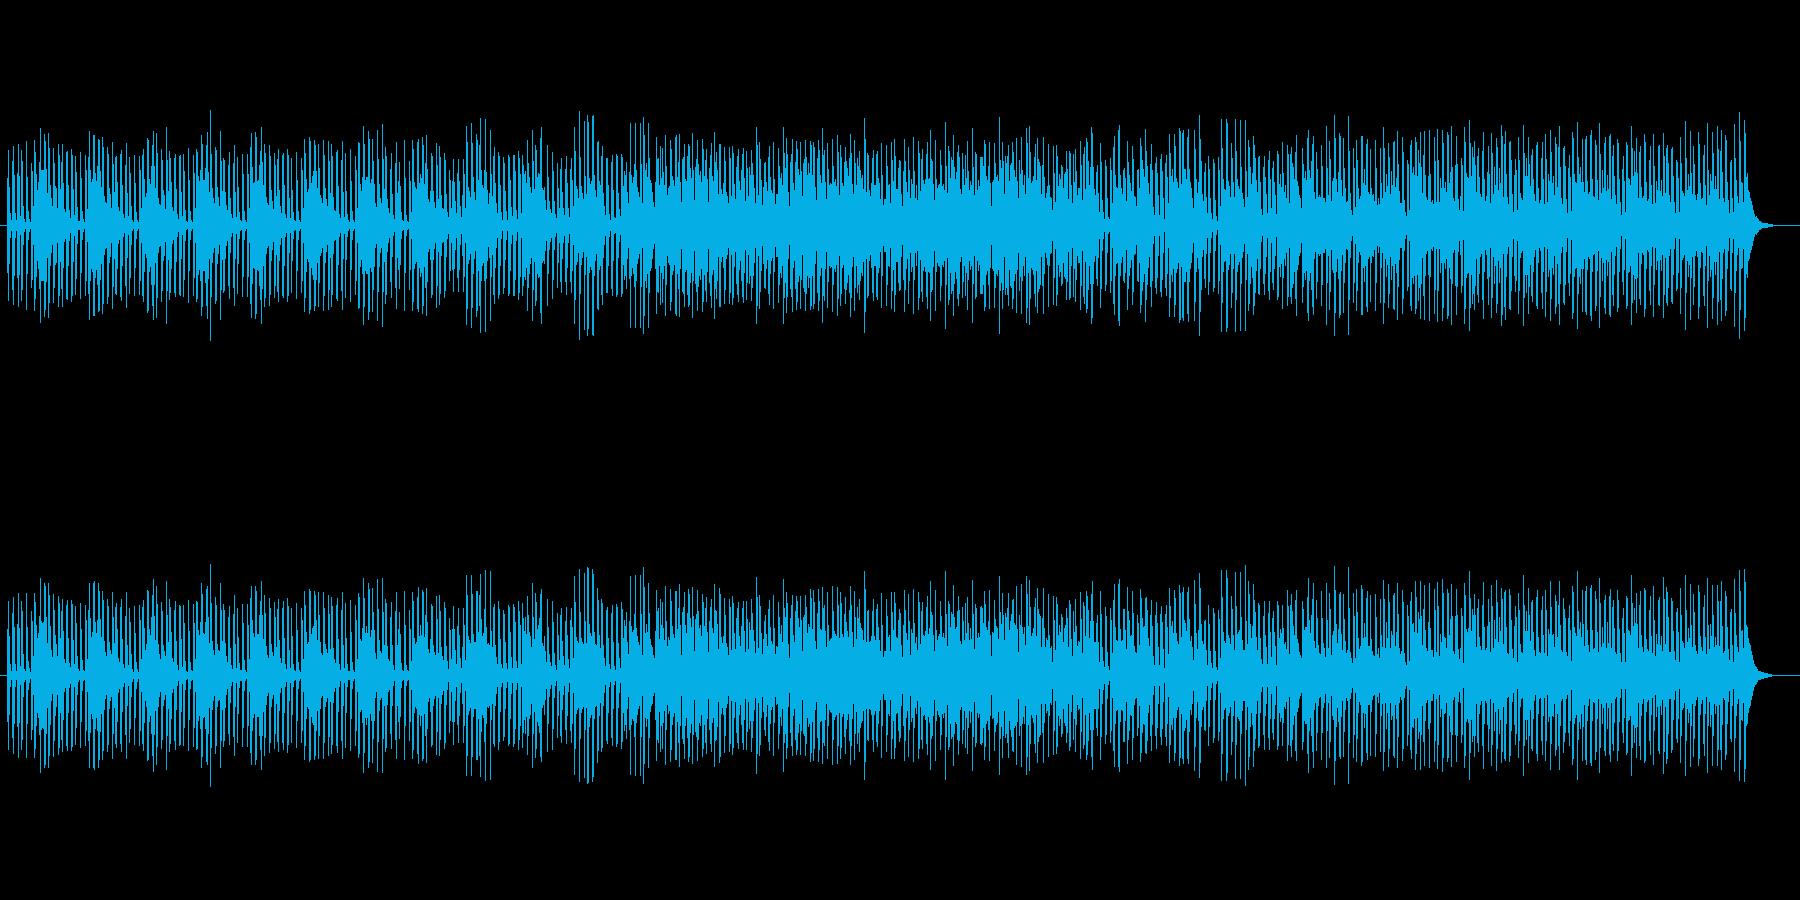 クールなテクノミュージックの再生済みの波形